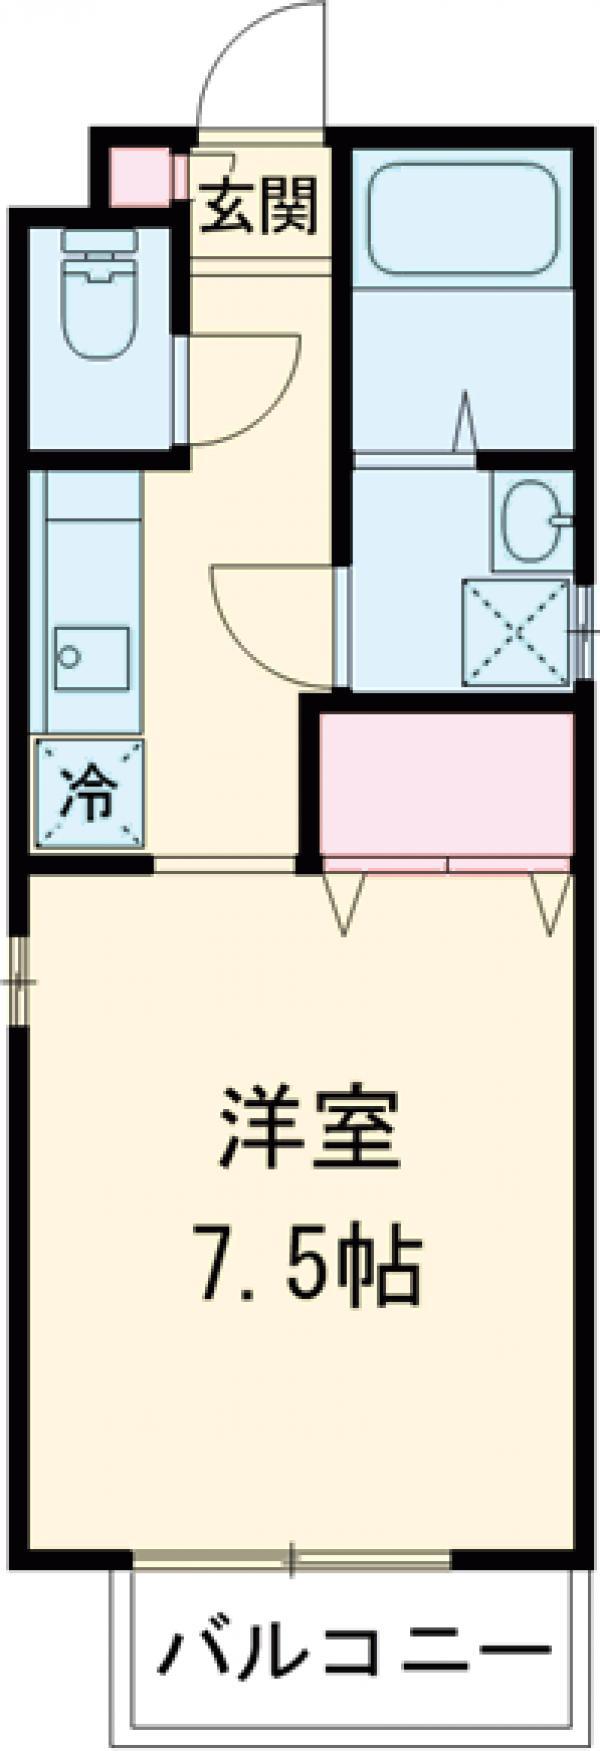 MOISTURE GARDEN子安町VOL.Ⅱ・103号室の間取り